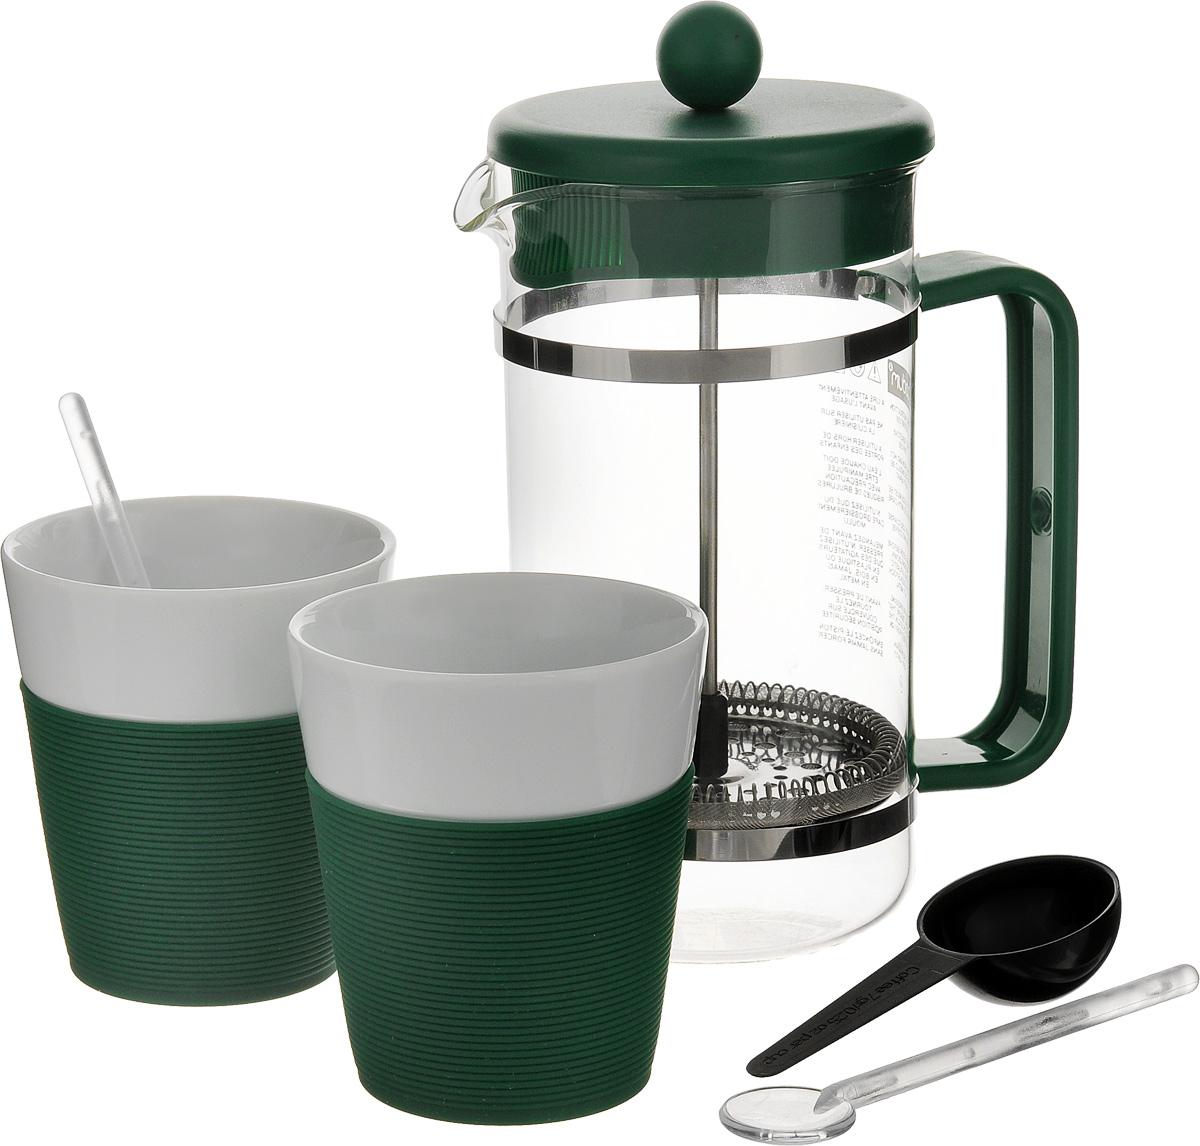 Набор кофейный Bodum Bistro, цвет: зеленый, белый, 5 предметов. AK1508-XY-Y15AK1508-XY-Y15_зеленыйКофейный набор Bodum Bistro состоит из чайника френч-пресса, 2 стаканов и 2 ложек. Френч-пресс выполнен из высококачественного жаропрочного стекла, нержавеющей стали и пластика. Френч-пресс - это заварочный чайник, который поможет быстро приготовить вкусный и ароматный чай или кофе. Металлический нержавеющий фильтр задерживает чайные листочки и частички зерен кофе. Засыпая чайную заварку или кофе под фильтр, заливая горячей водой, вы получаете ароматный напиток с оптимальной крепостью и насыщенностью. Остановить процесс заваривания легко, для этого нужно просто опустить поршень, и все уйдет вниз, оставляя сверху напиток, готовый к употреблению. Для френч-пресса предусмотрена специальная пластиковая ложечка. Элегантные стаканы выполнены из высококачественного фарфора и оснащены резиновой вставкой, защищающей ваши руки от высоких температур. В комплекте - 2 мерные ложечки, выполненные из пластика. Яркий и стильный набор украсит стол к чаепитию и станет чудесным подарком к любому случаю. Изделия можно мыть в посудомоечной машине.Объем френч-пресса: 1 л. Диаметр френч-пресса (по верхнему краю): 10 см. Высота френч-пресса: 21,5 см. Объем стакана: 300 мл. Диаметр стакана по верхнему краю: 8,5 см. Высота стакана: 10 см. Длина глубокой ложечки: 10 см.Длина ложечек: 14 см.